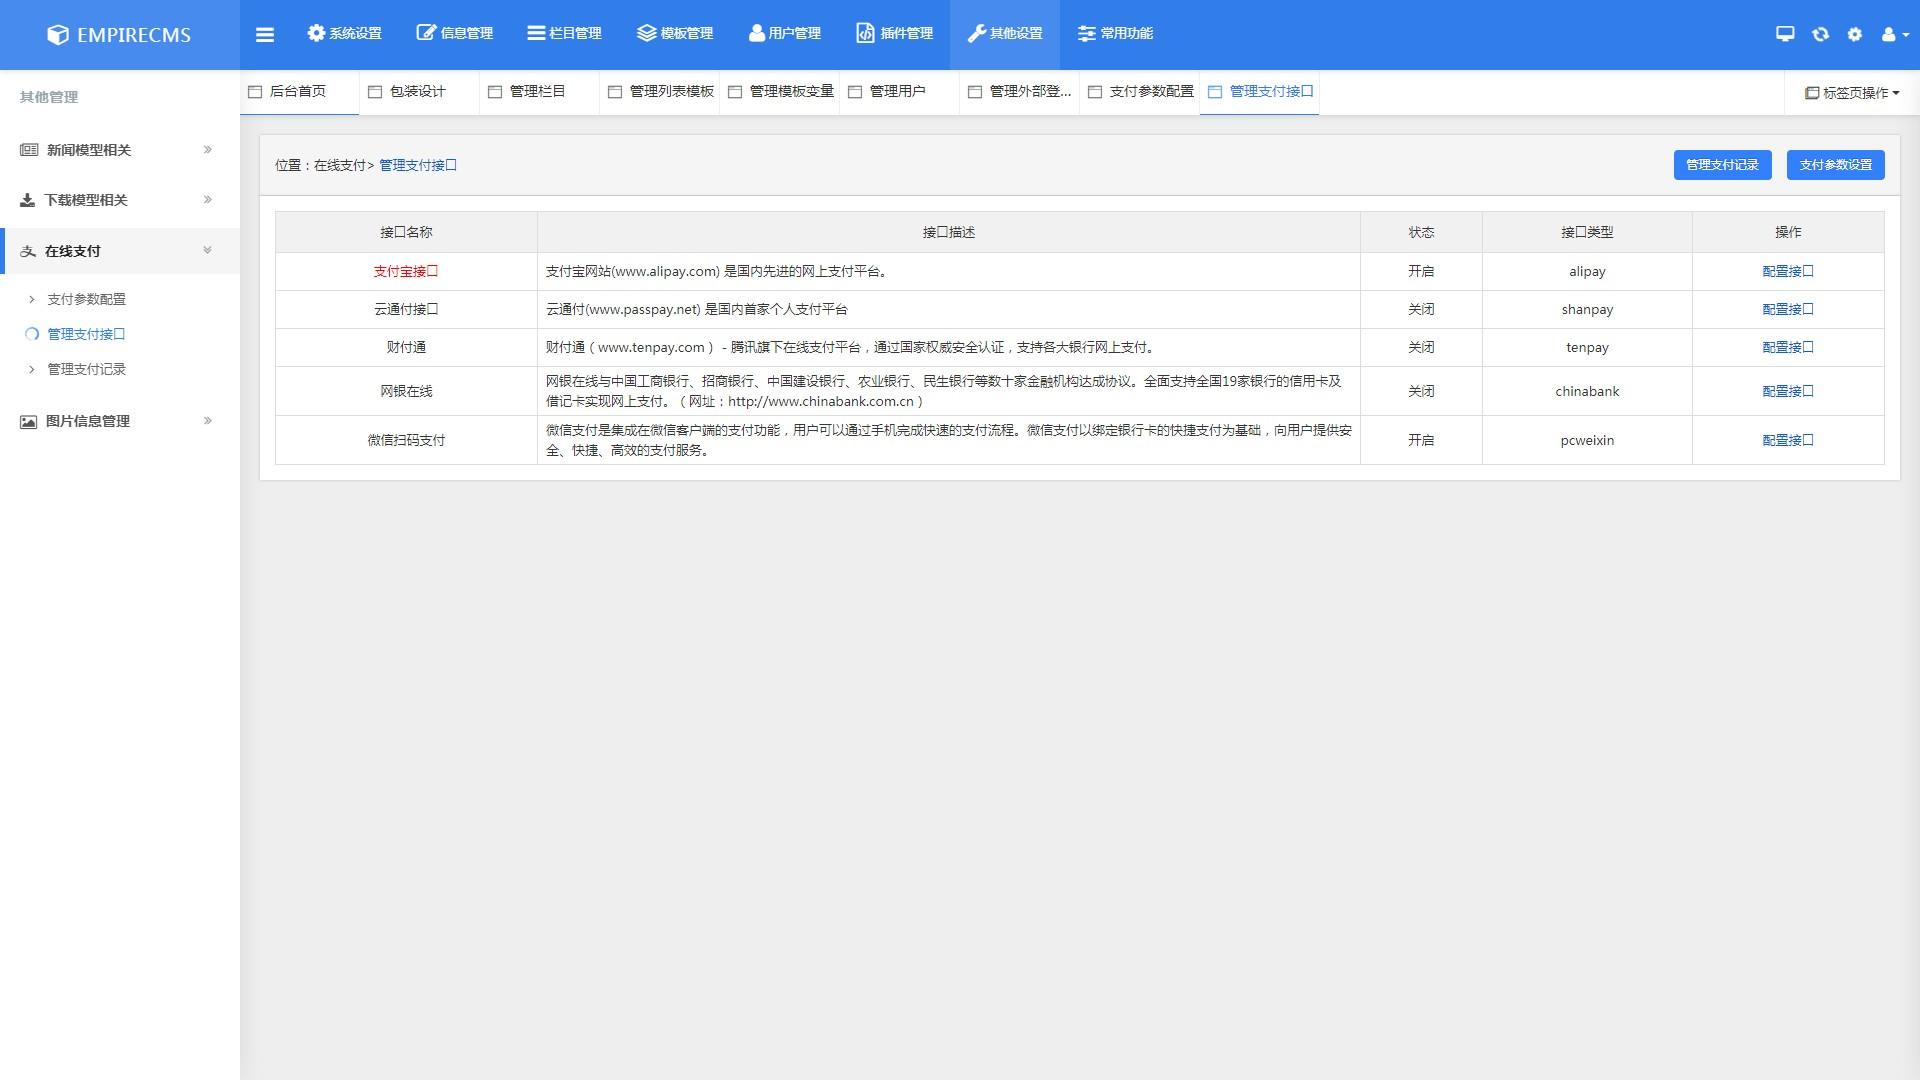 帝国CMS7.5后台美化版模板下载(含后台登陆美化界面)